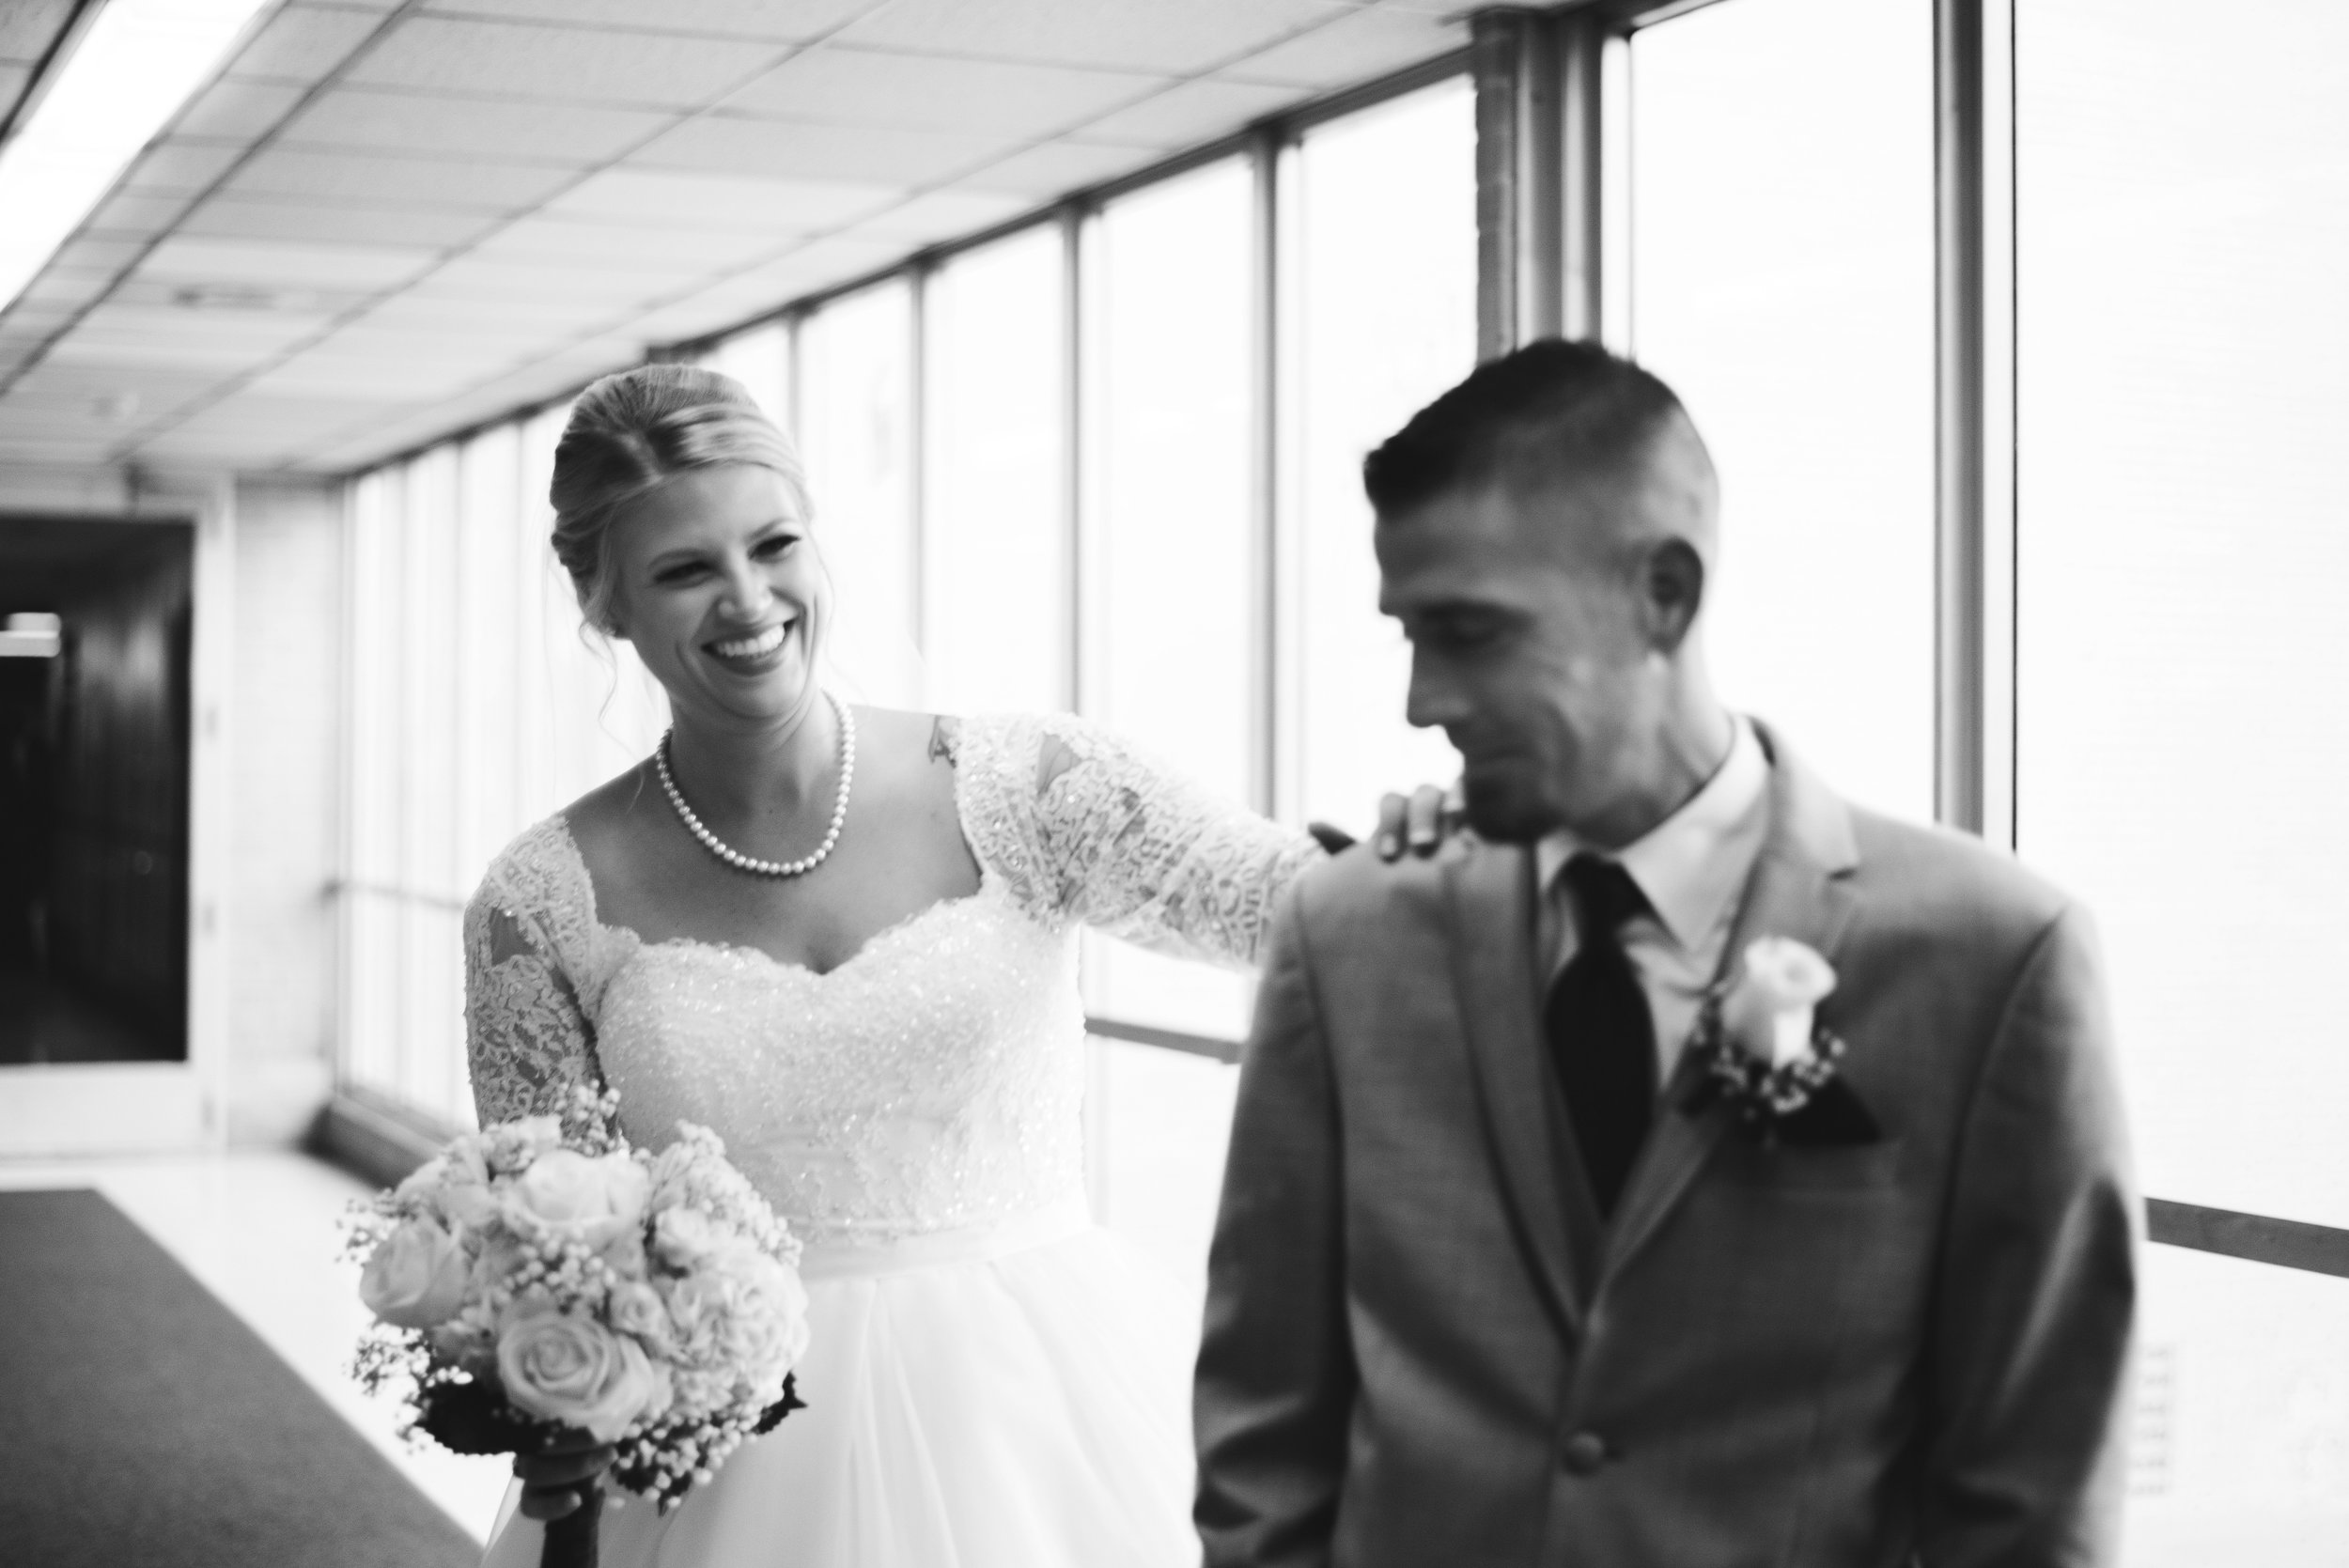 King-Northern-Illinois-University-Wedding029.jpg